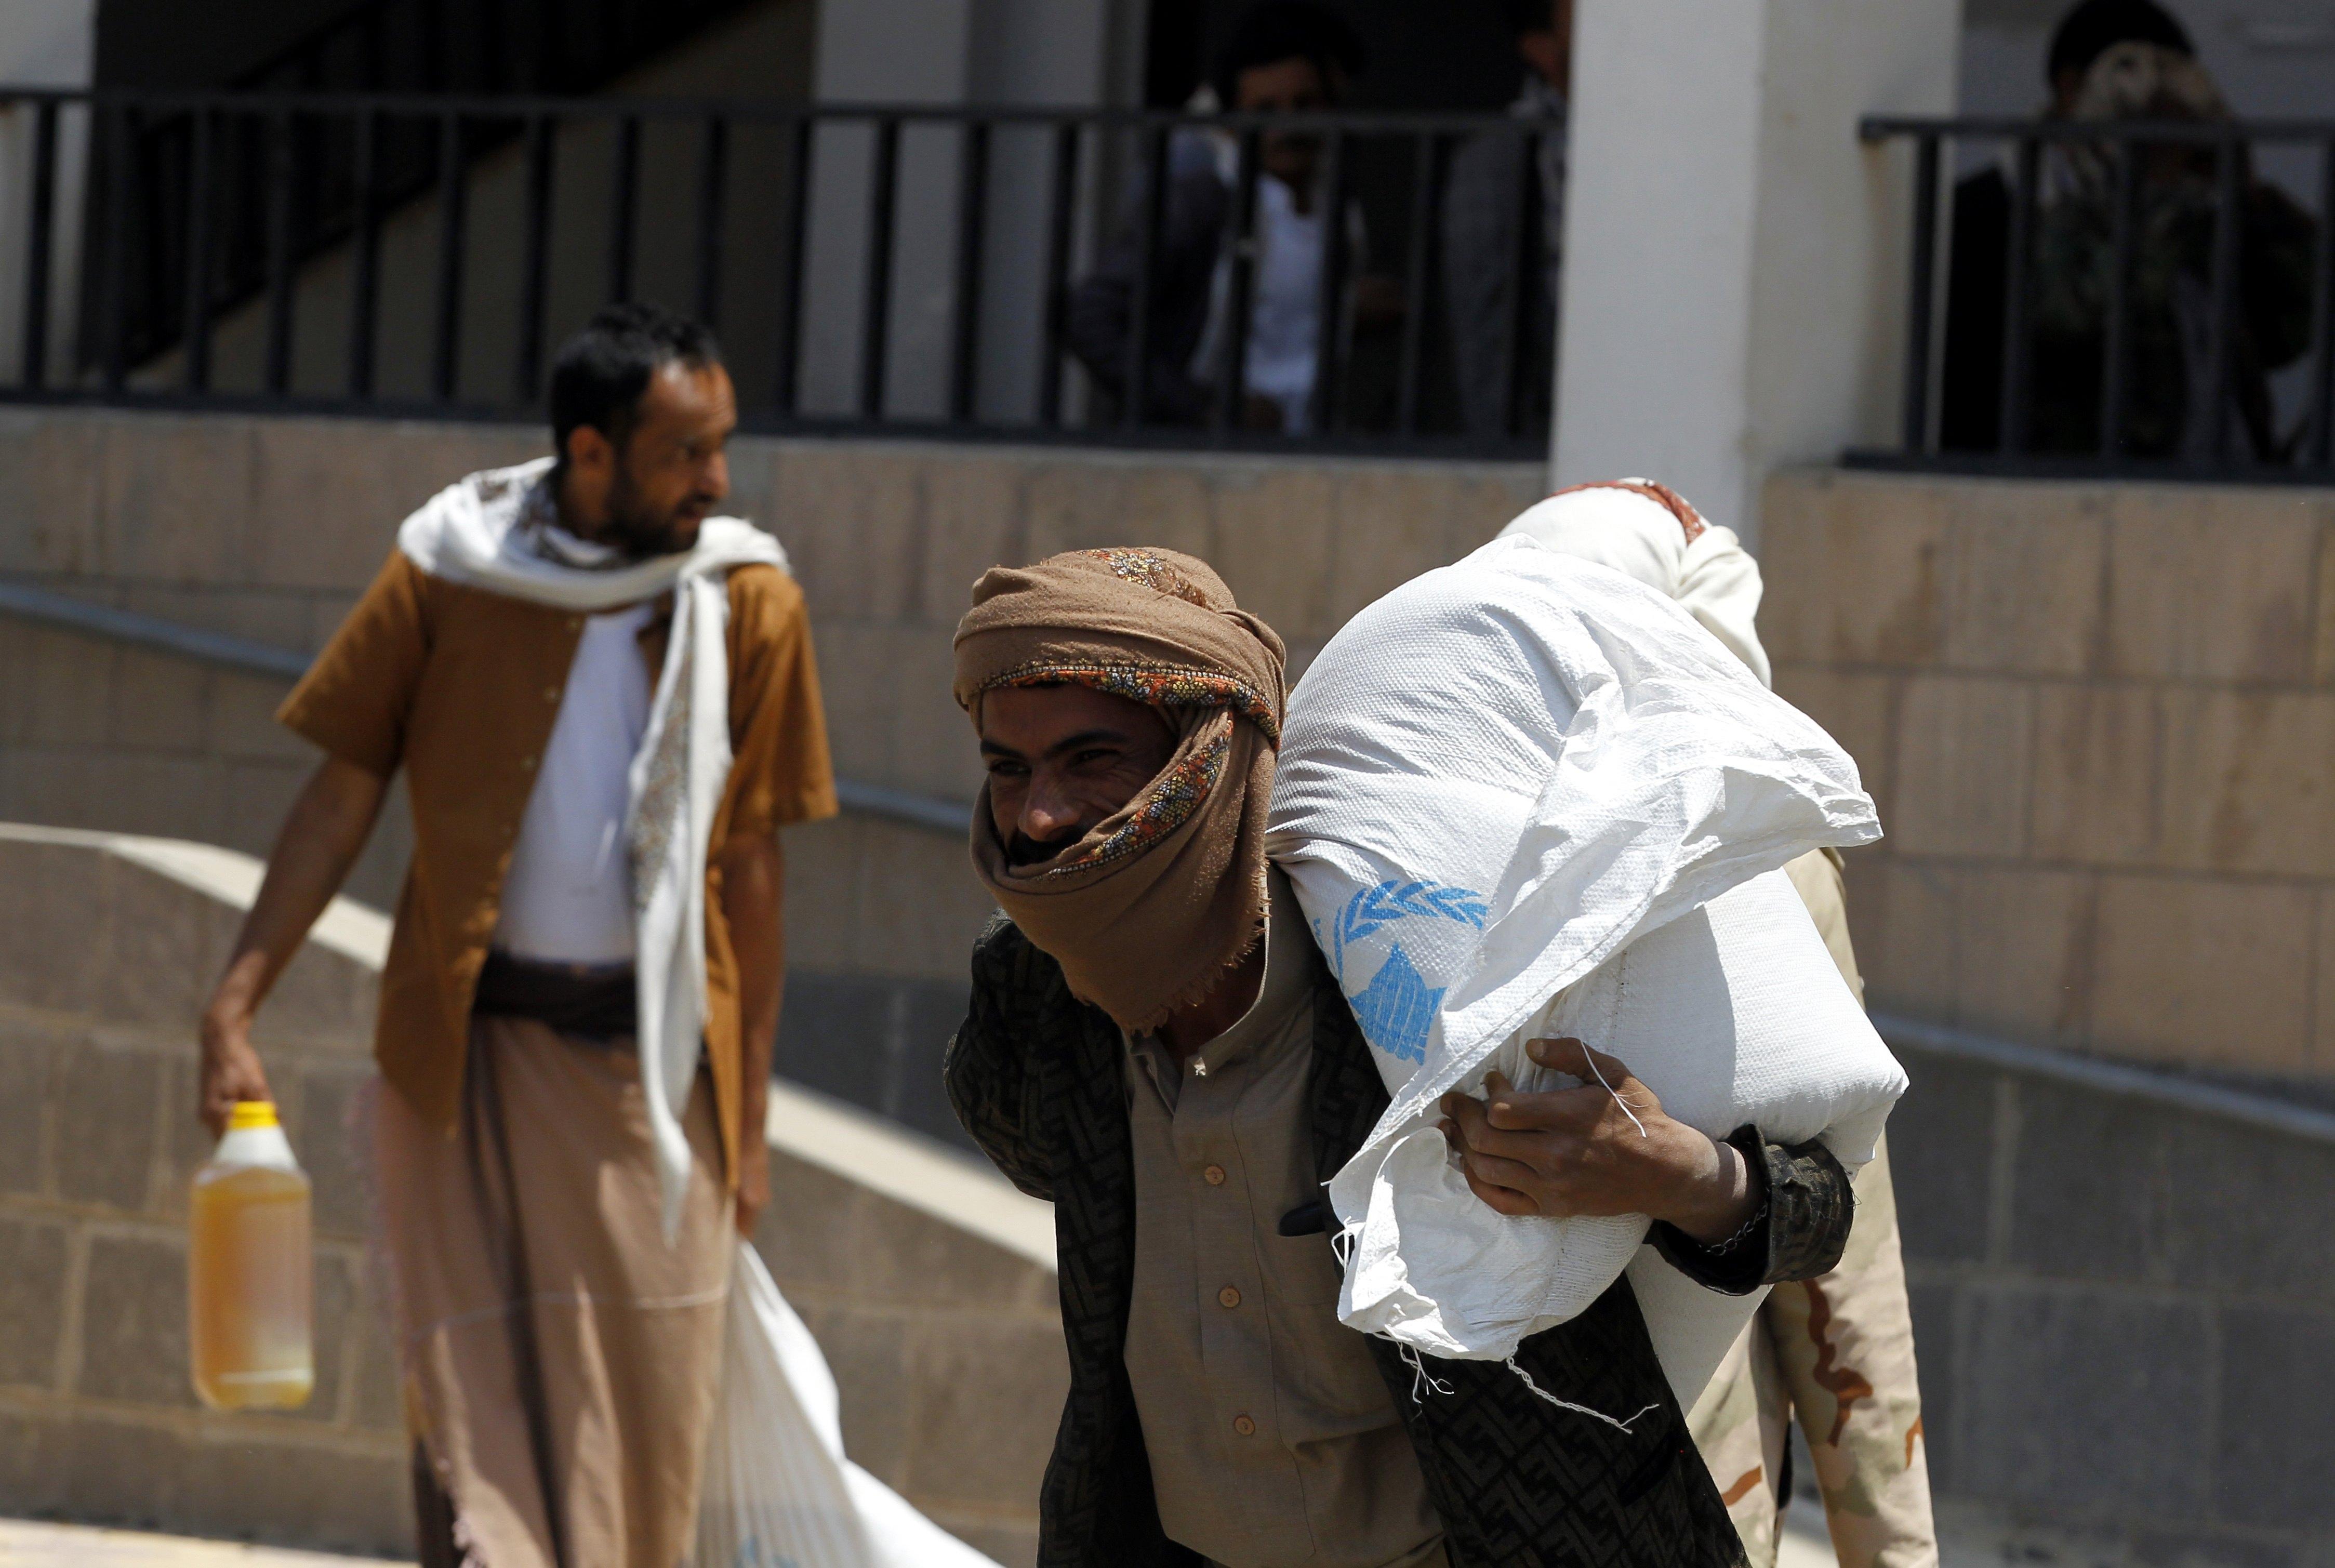 Продължаващата над 2 години гражданска война в Йемен причини опасен недостиг на храна и вода в страната, а наред с това доведе и до епидемия от холера